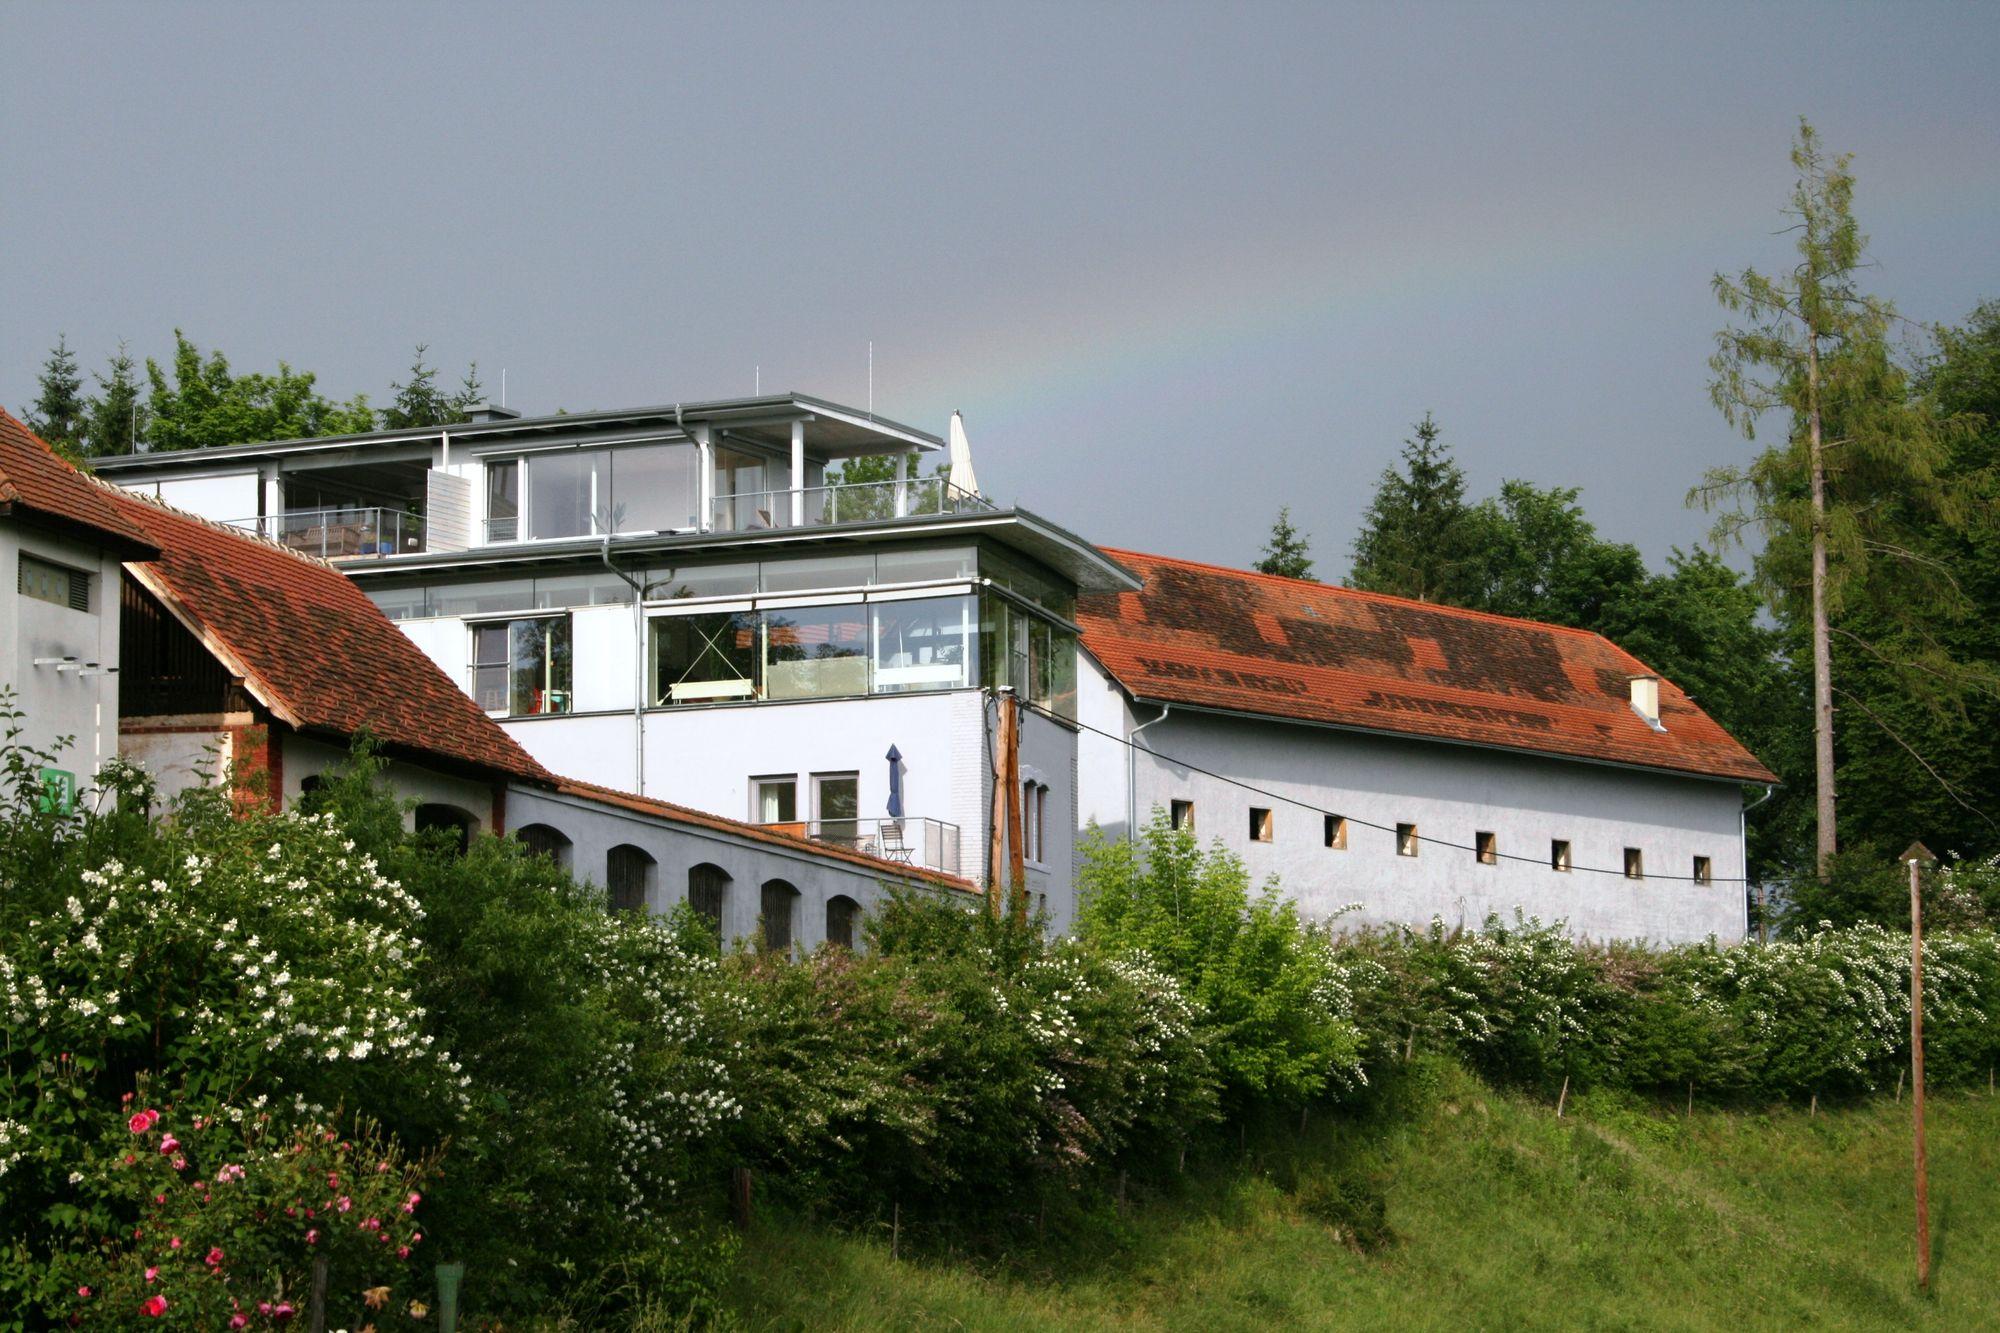 Gutshof Hornegg Traditionshaus Am Heimischen Fischsektor